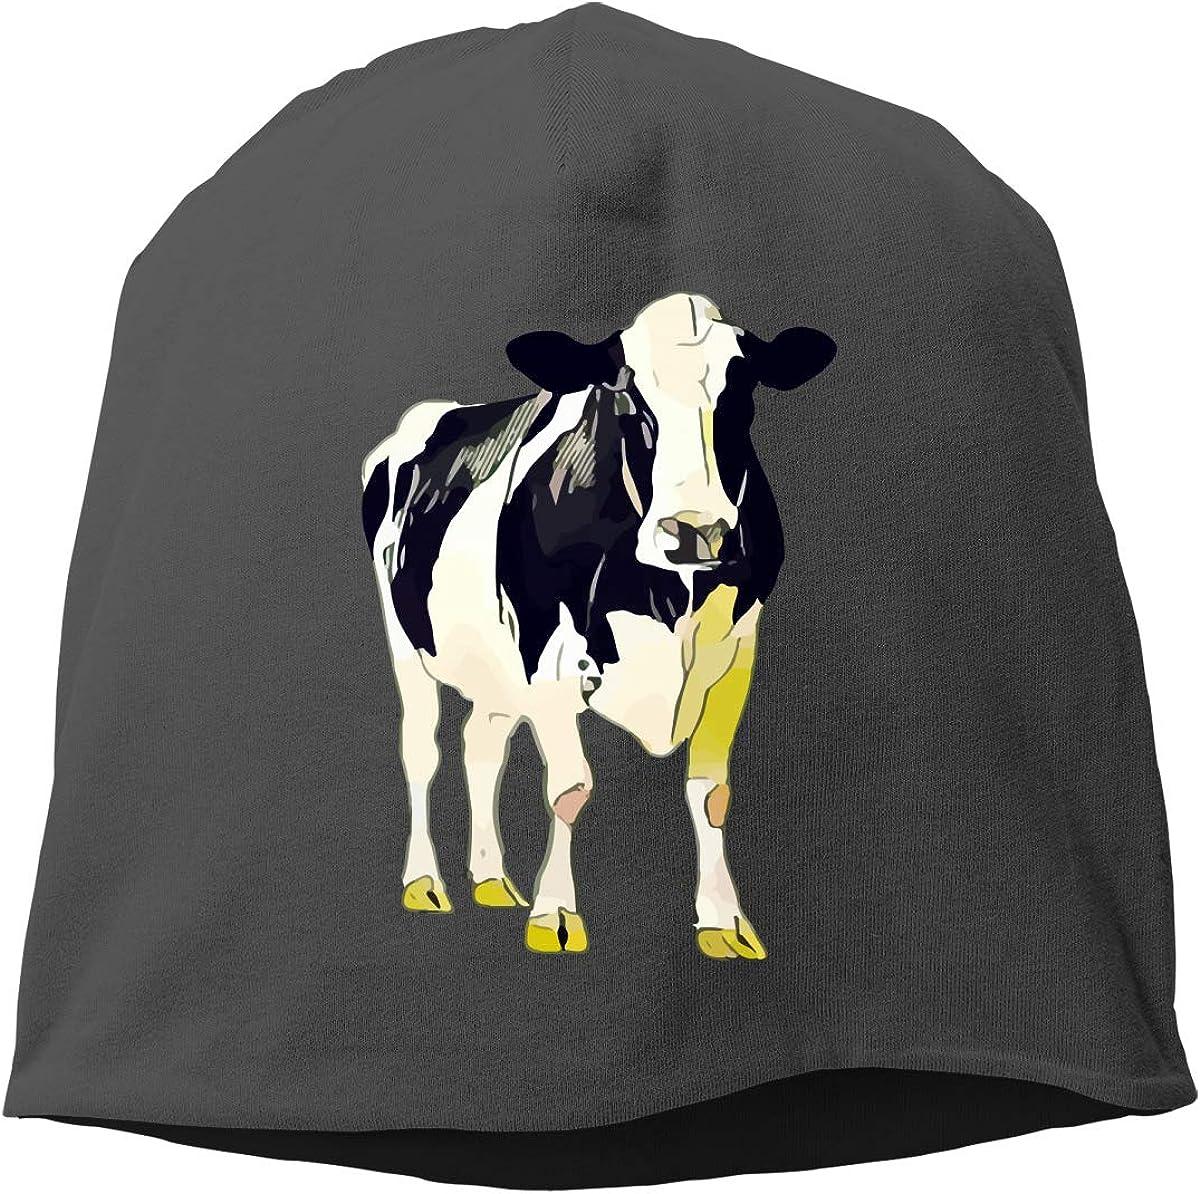 SHA45TM Moo Cow Men Women Winter Skull Cap Snowboarding Beanie Hat